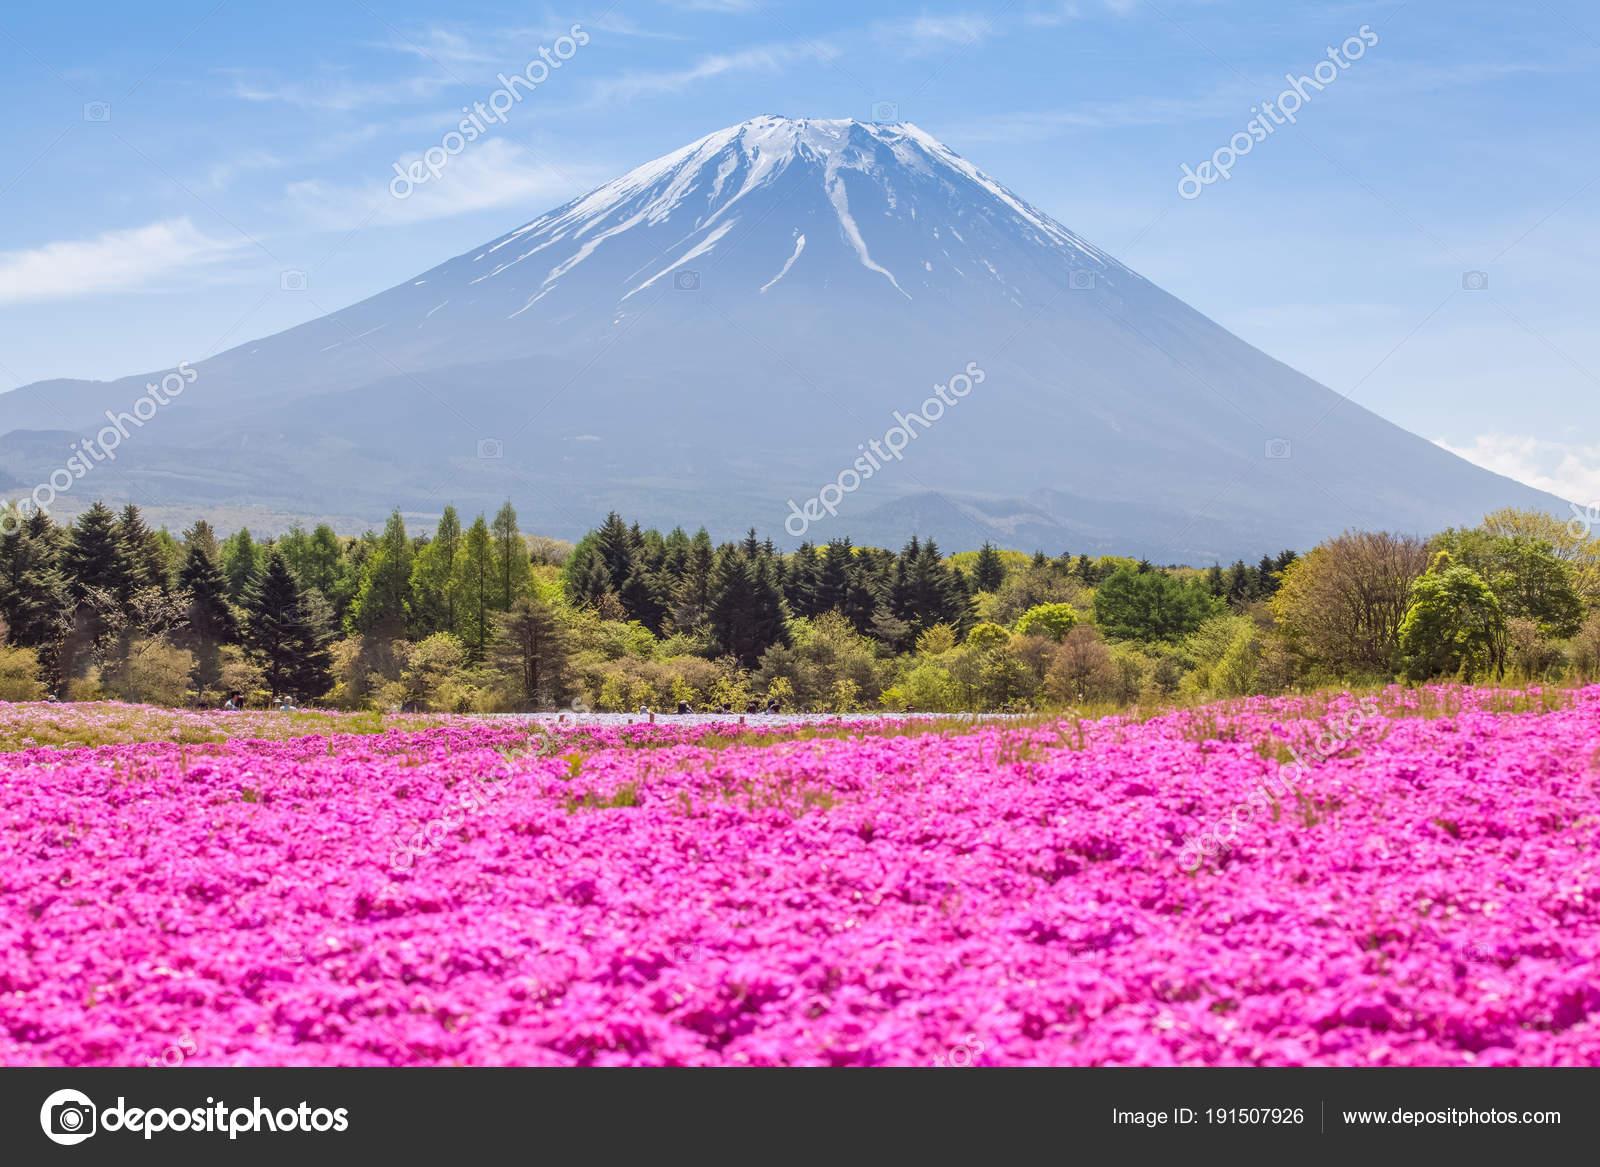 Field Pink Flowers Mountain Fuji Autumn Season Stock Photo